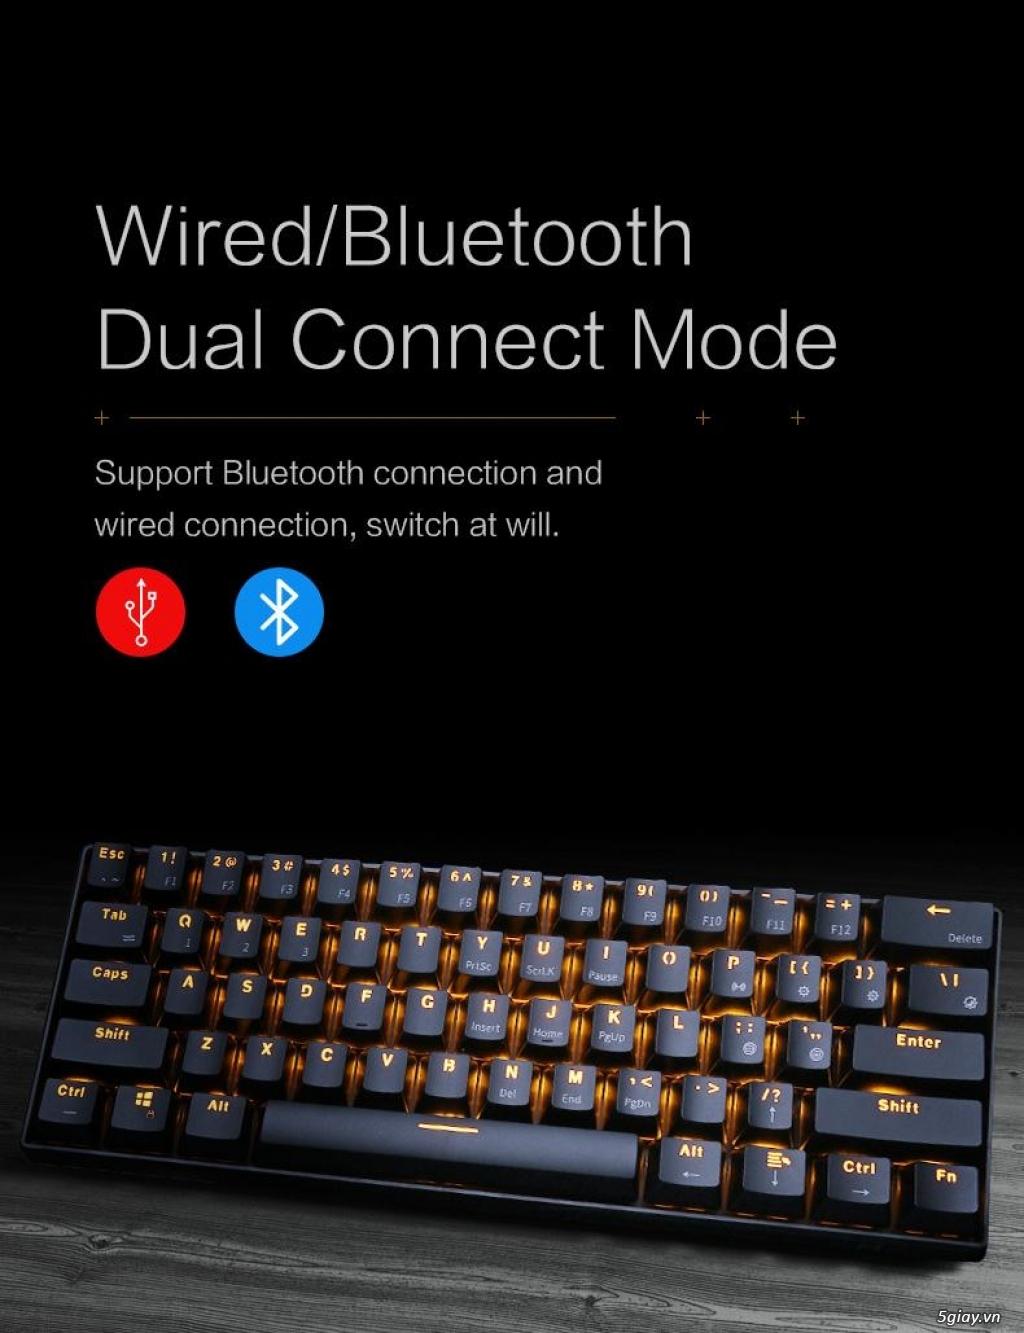 Bàn Phím Cơ Không Dây Bluetooth Cao Cấp, 61 Phím, Red Switch, LED Mono